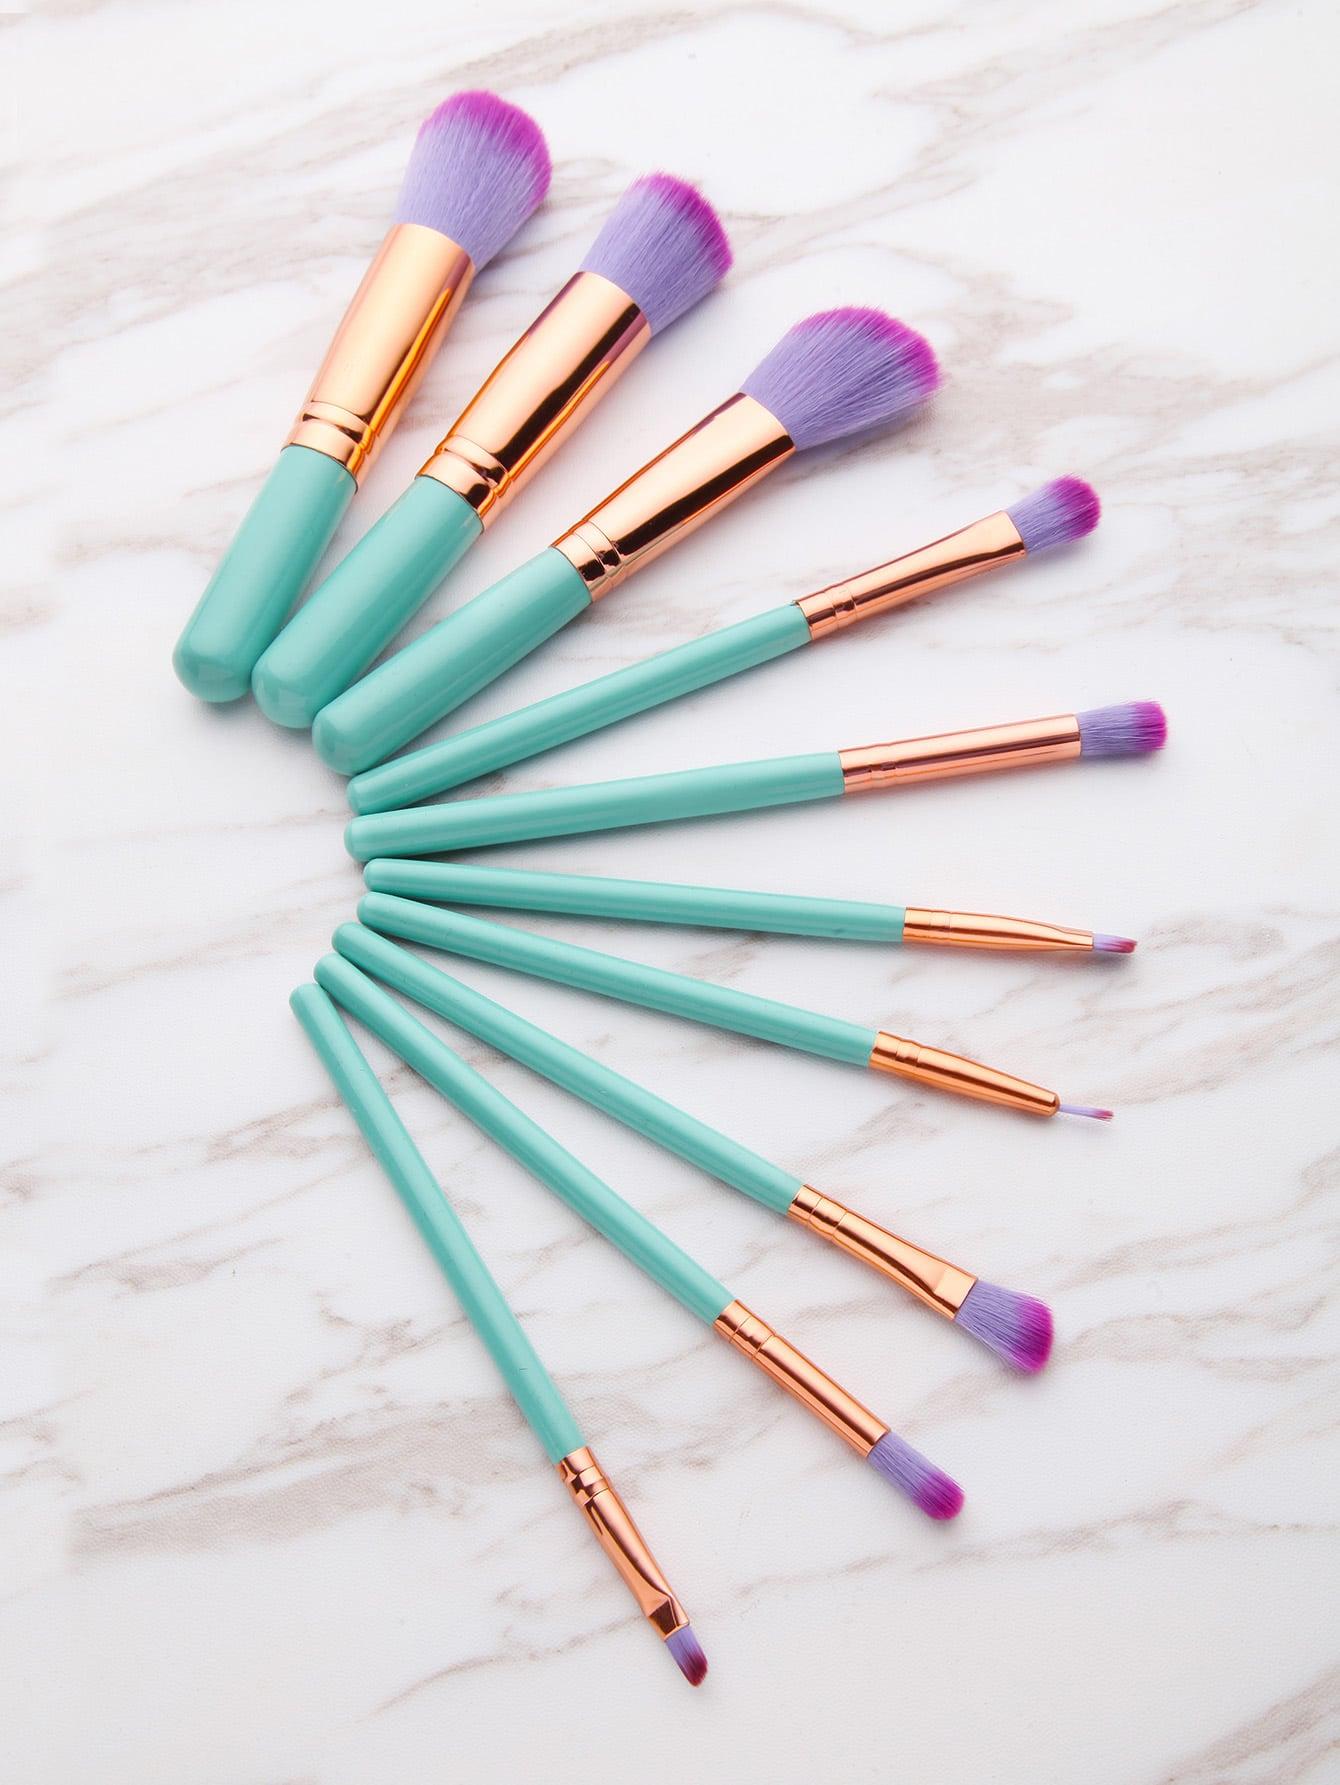 10PCS Green Professional Makeup Brush Set